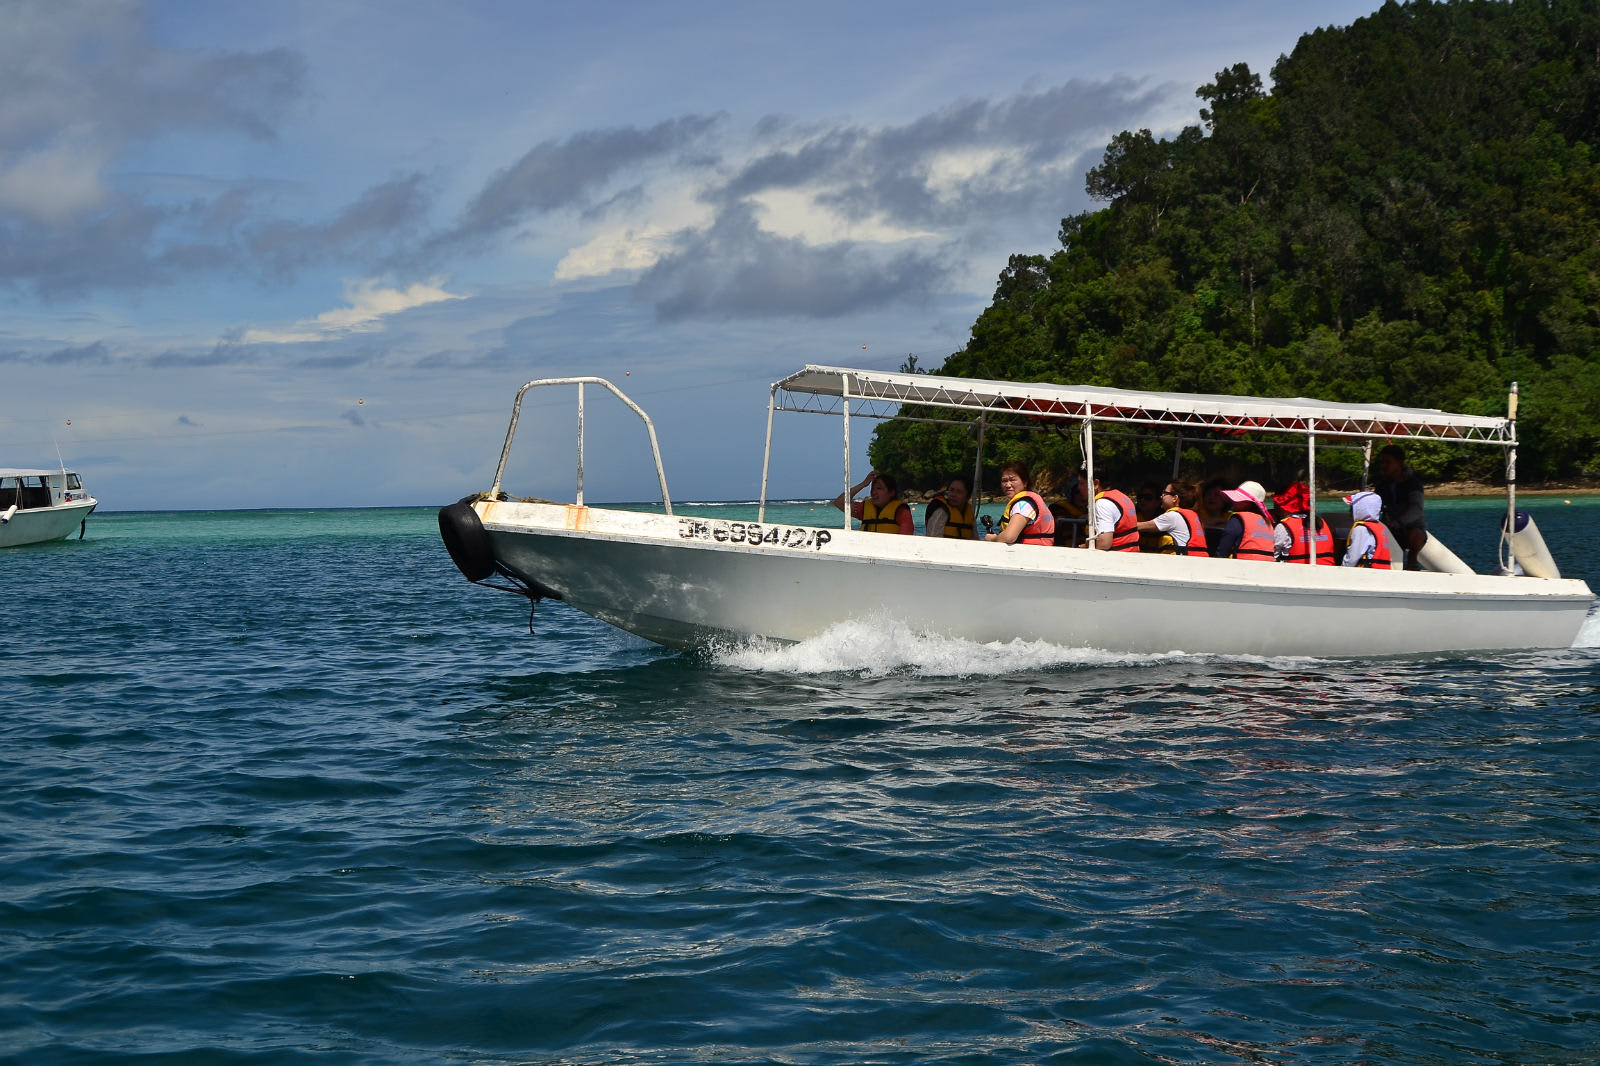 du lịch kota kinabalu - lên thuyền sang đảo khác